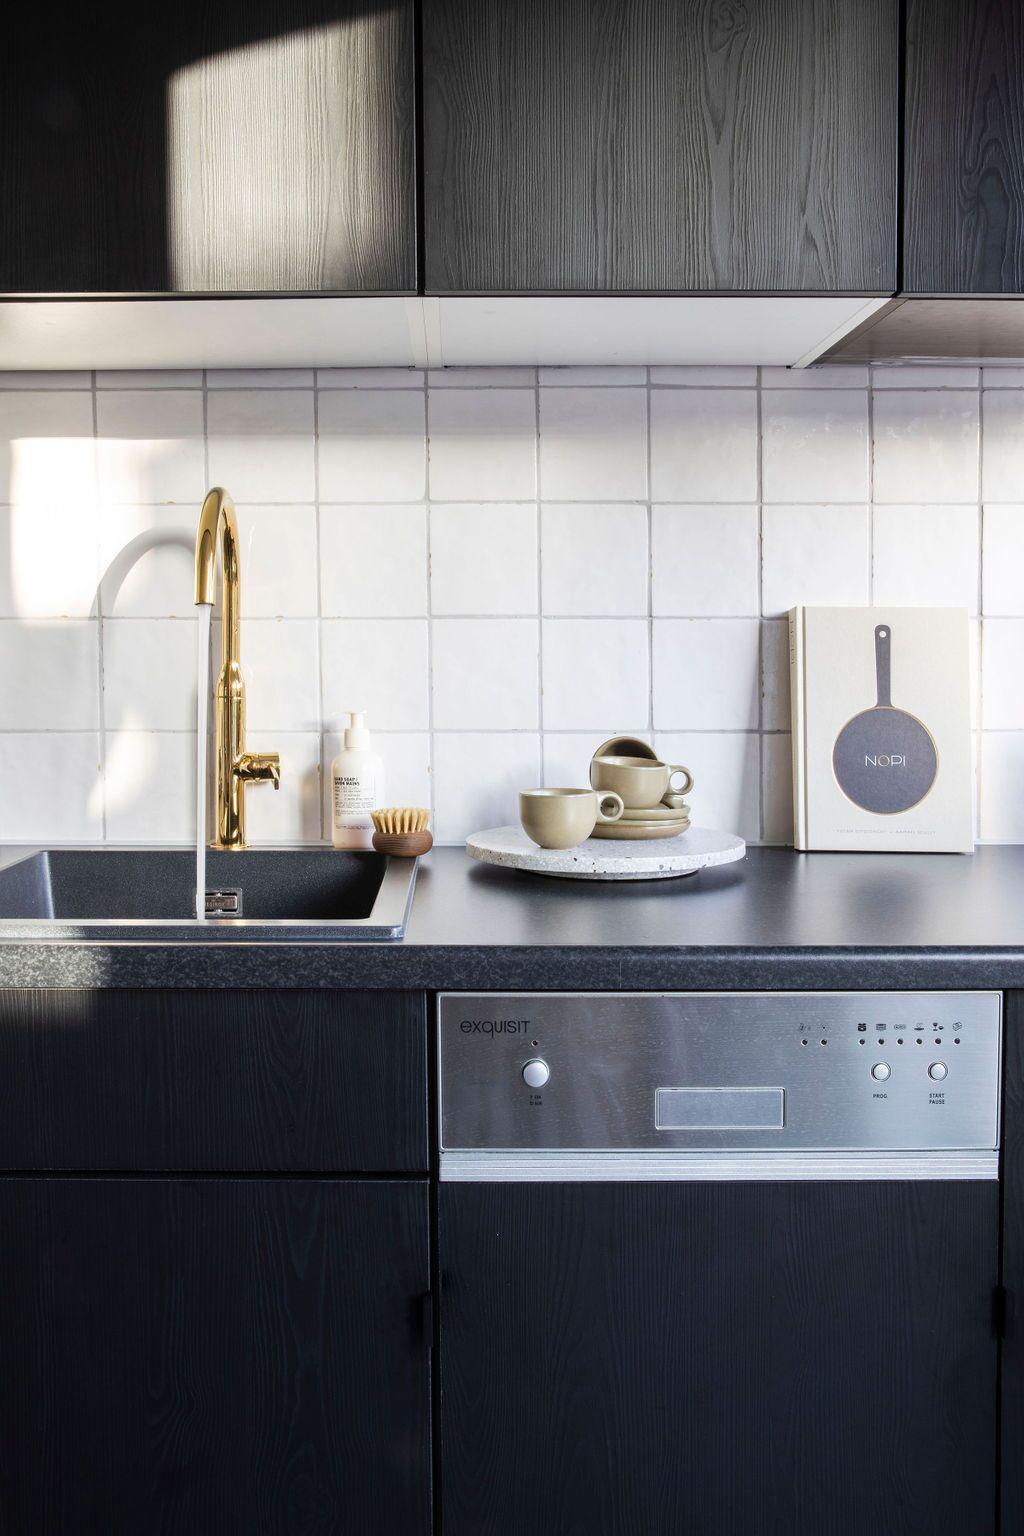 Spaanse azulejos tegeltjes in de keuken. Wandtegels van Designtegels  #wandtegels #keuken #designtegels #spaansetegels #keukentegels #keukeninspiratie